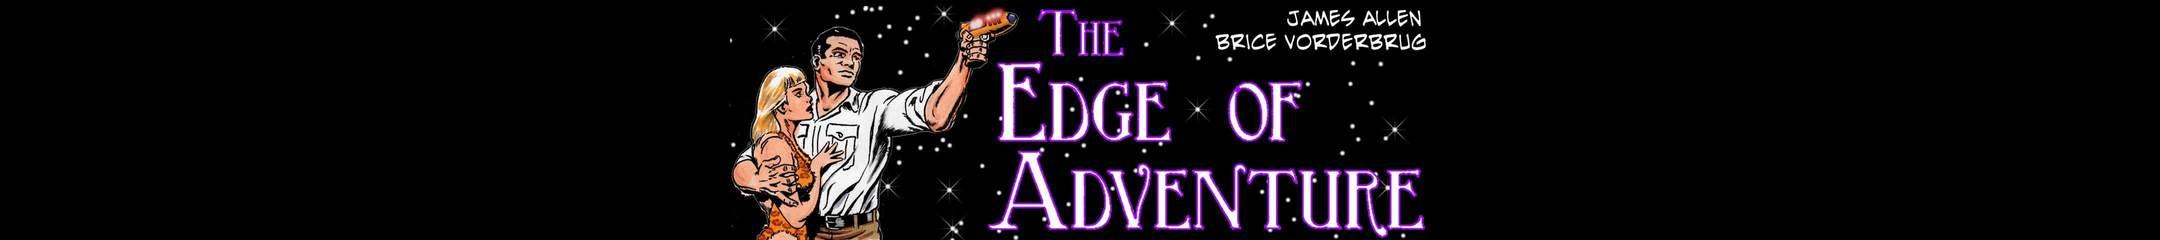 Edge of Adventure